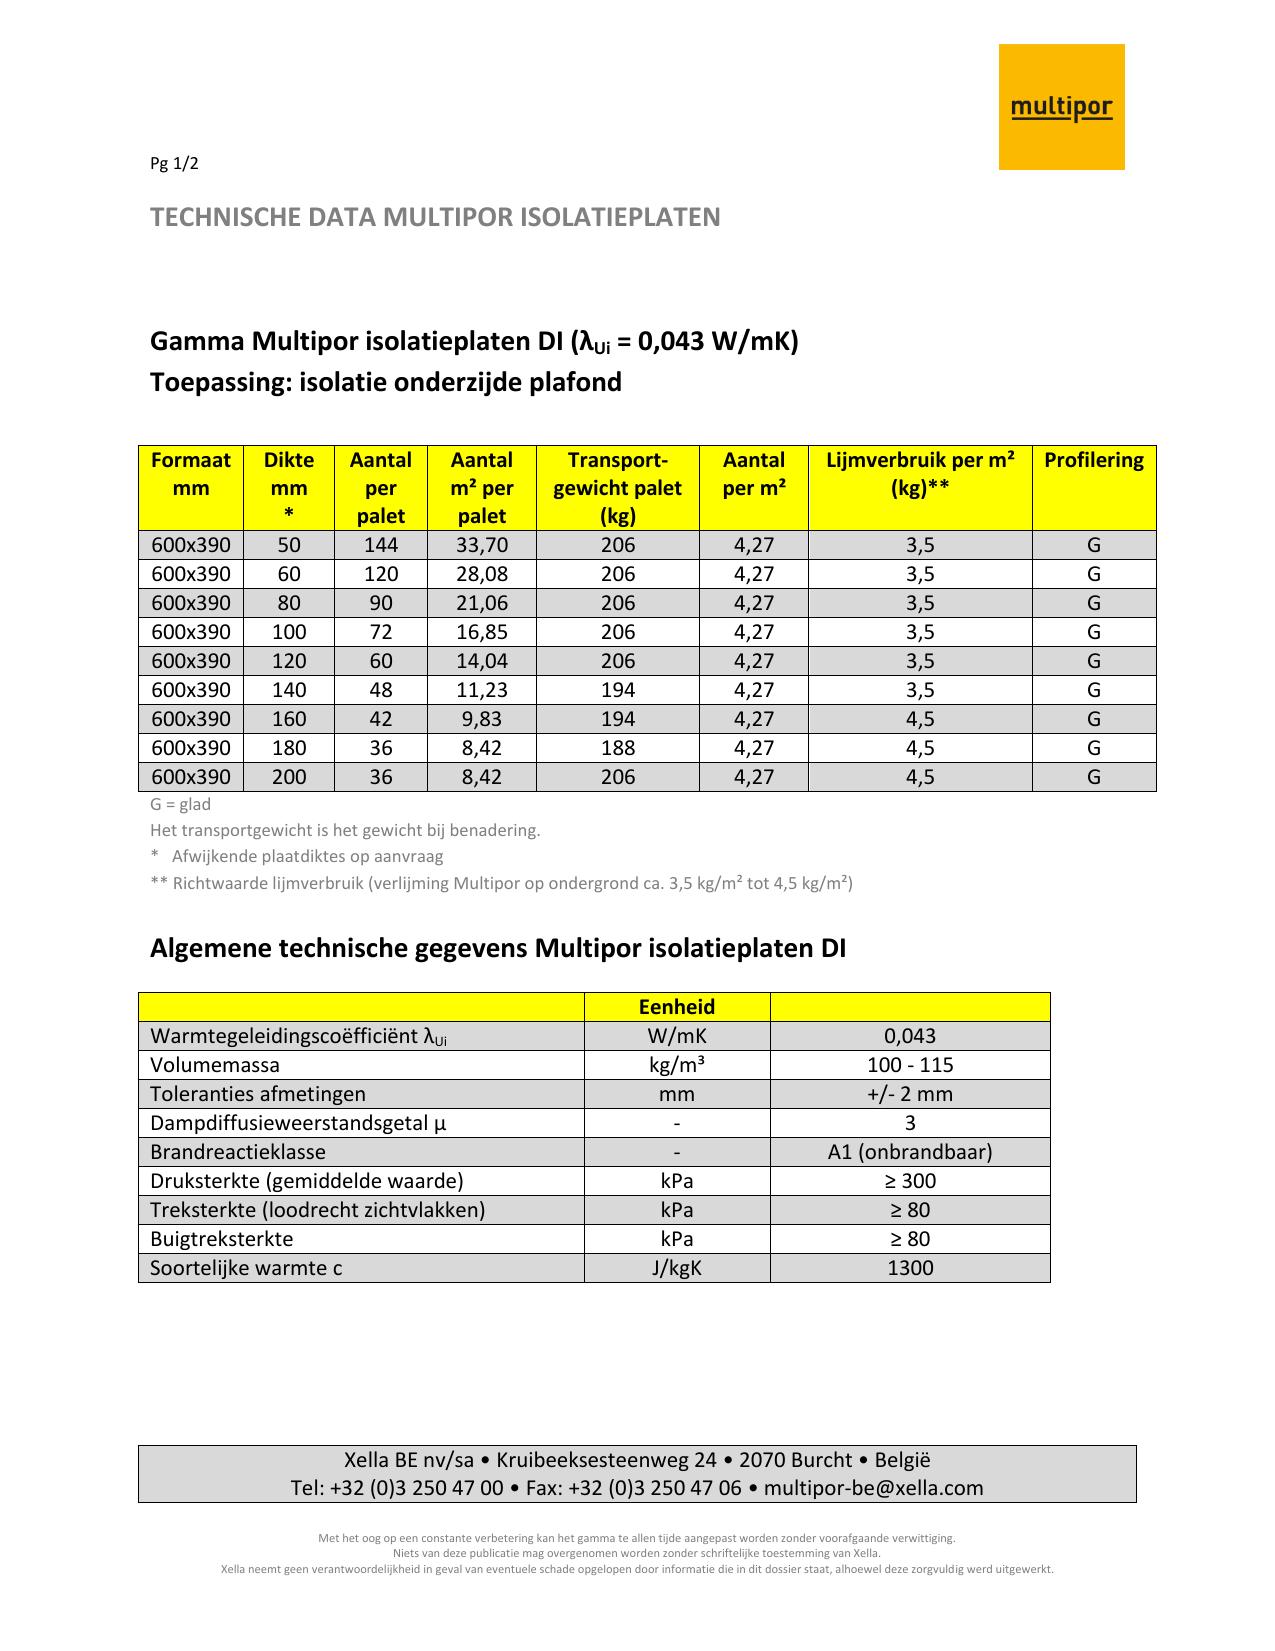 Ytong Blokken Gamma.Technische Data Multipor Isolatieplaten Gamma